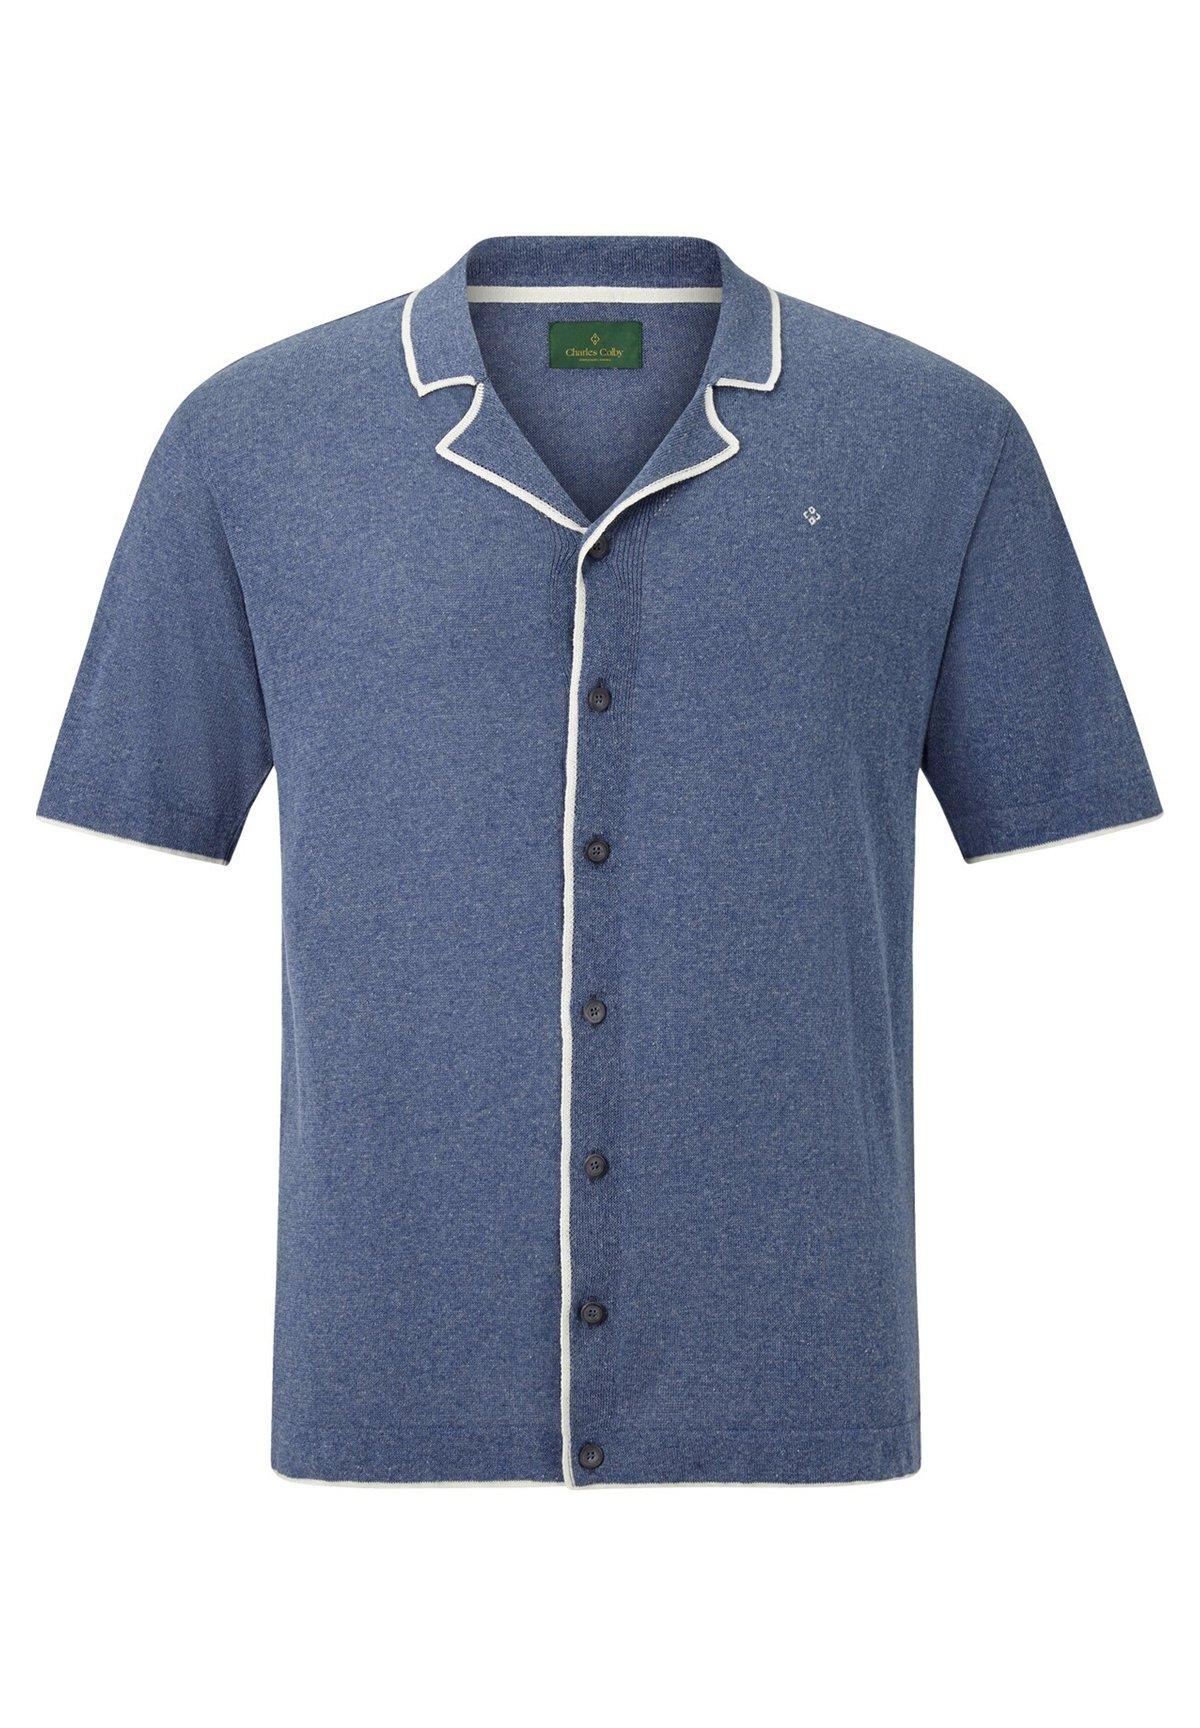 Charles Colby Earl Steve - Overhemd Blue Rr1Jcnq